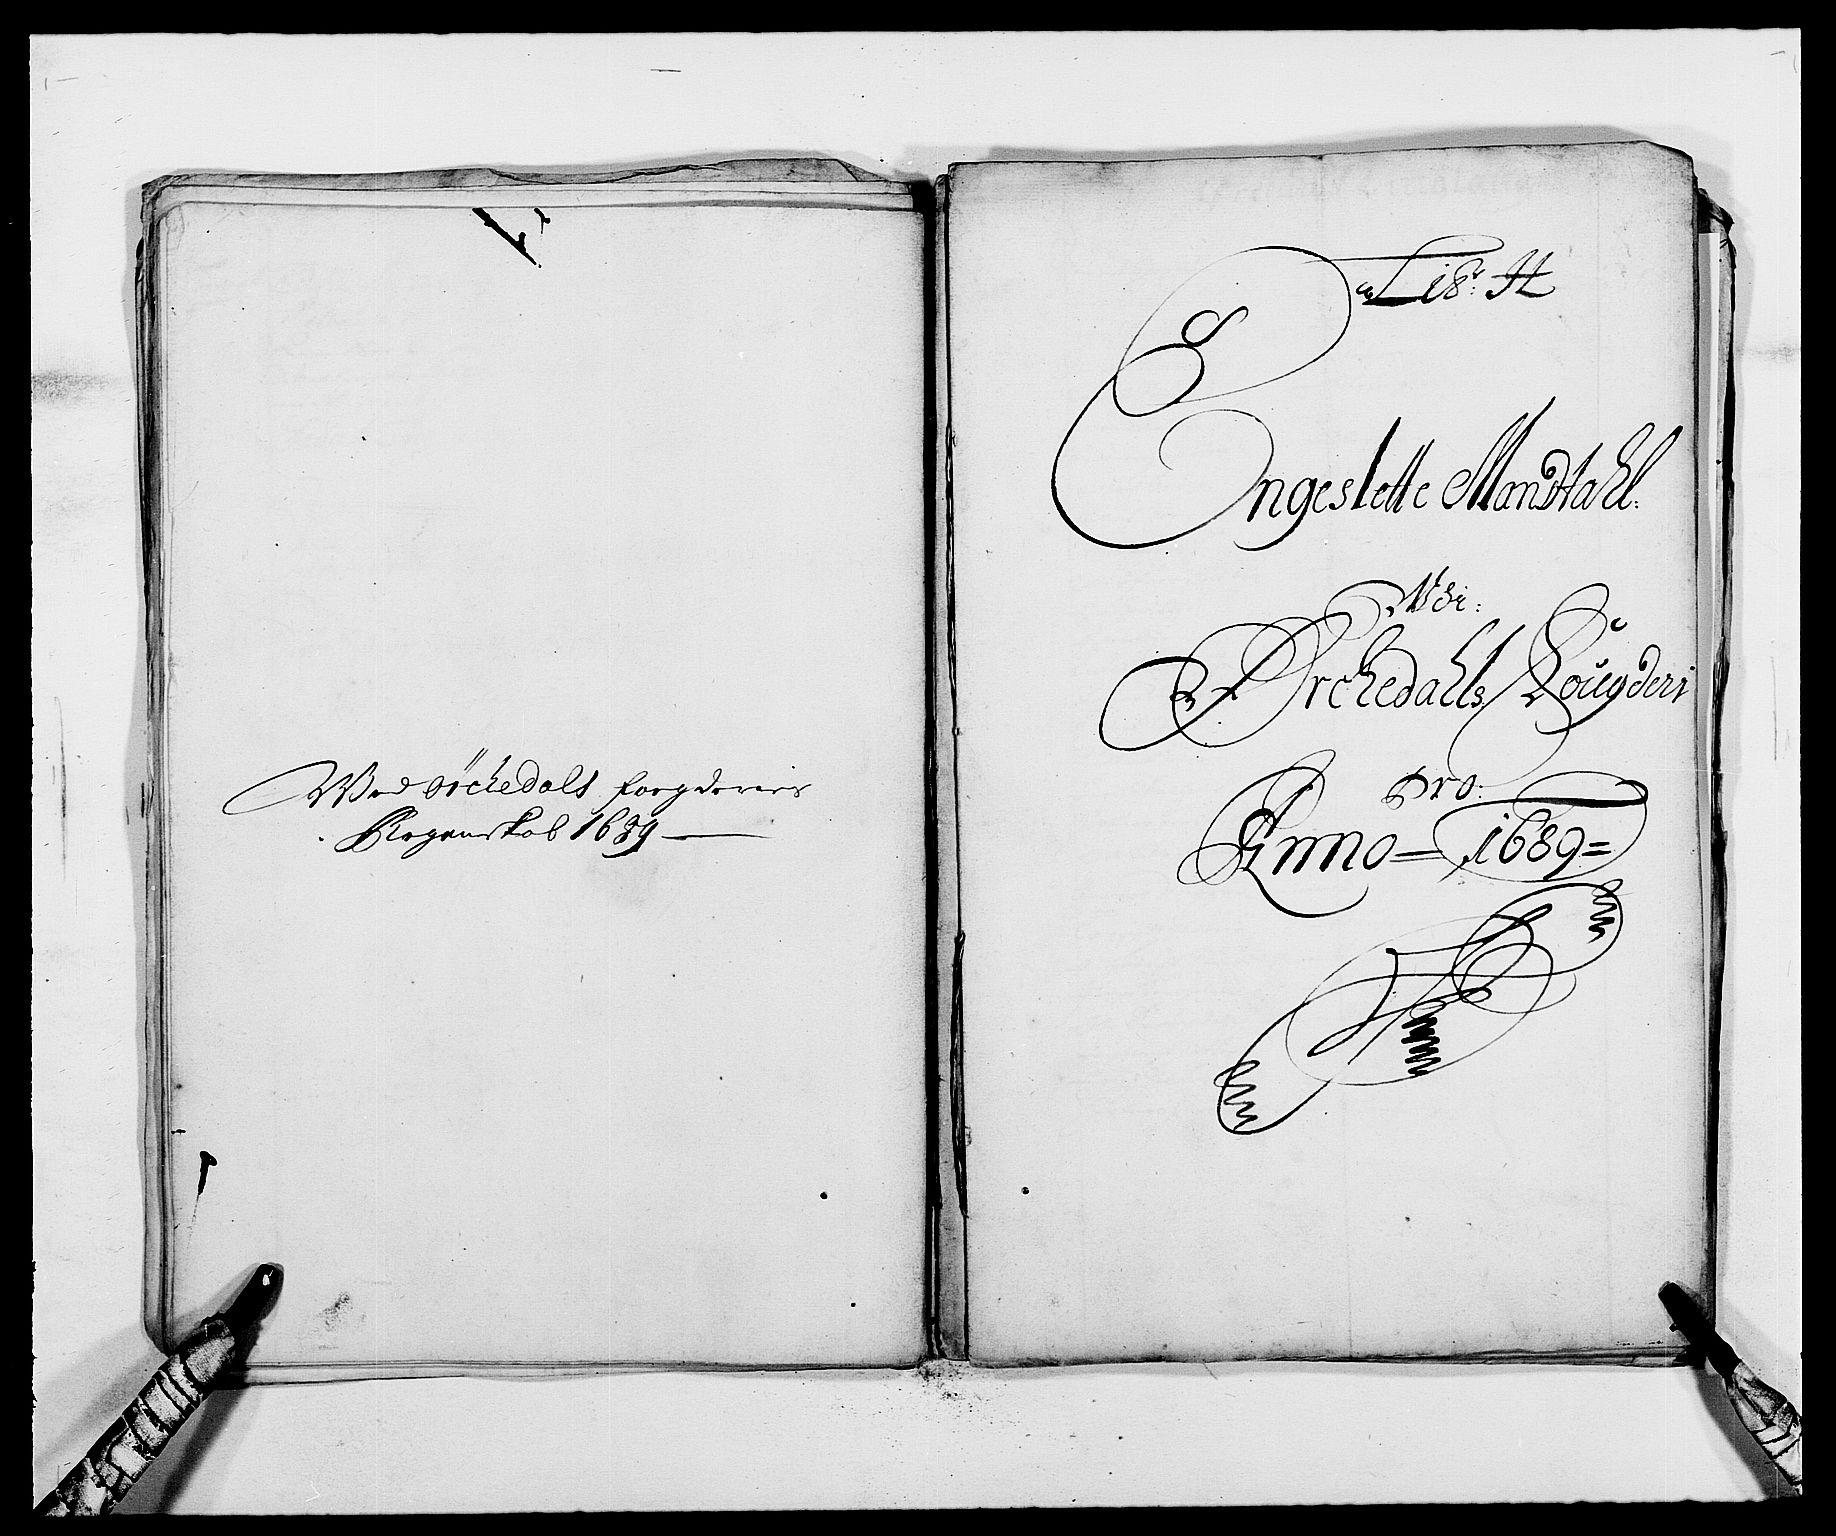 RA, Rentekammeret inntil 1814, Reviderte regnskaper, Fogderegnskap, R58/L3936: Fogderegnskap Orkdal, 1689-1690, s. 83